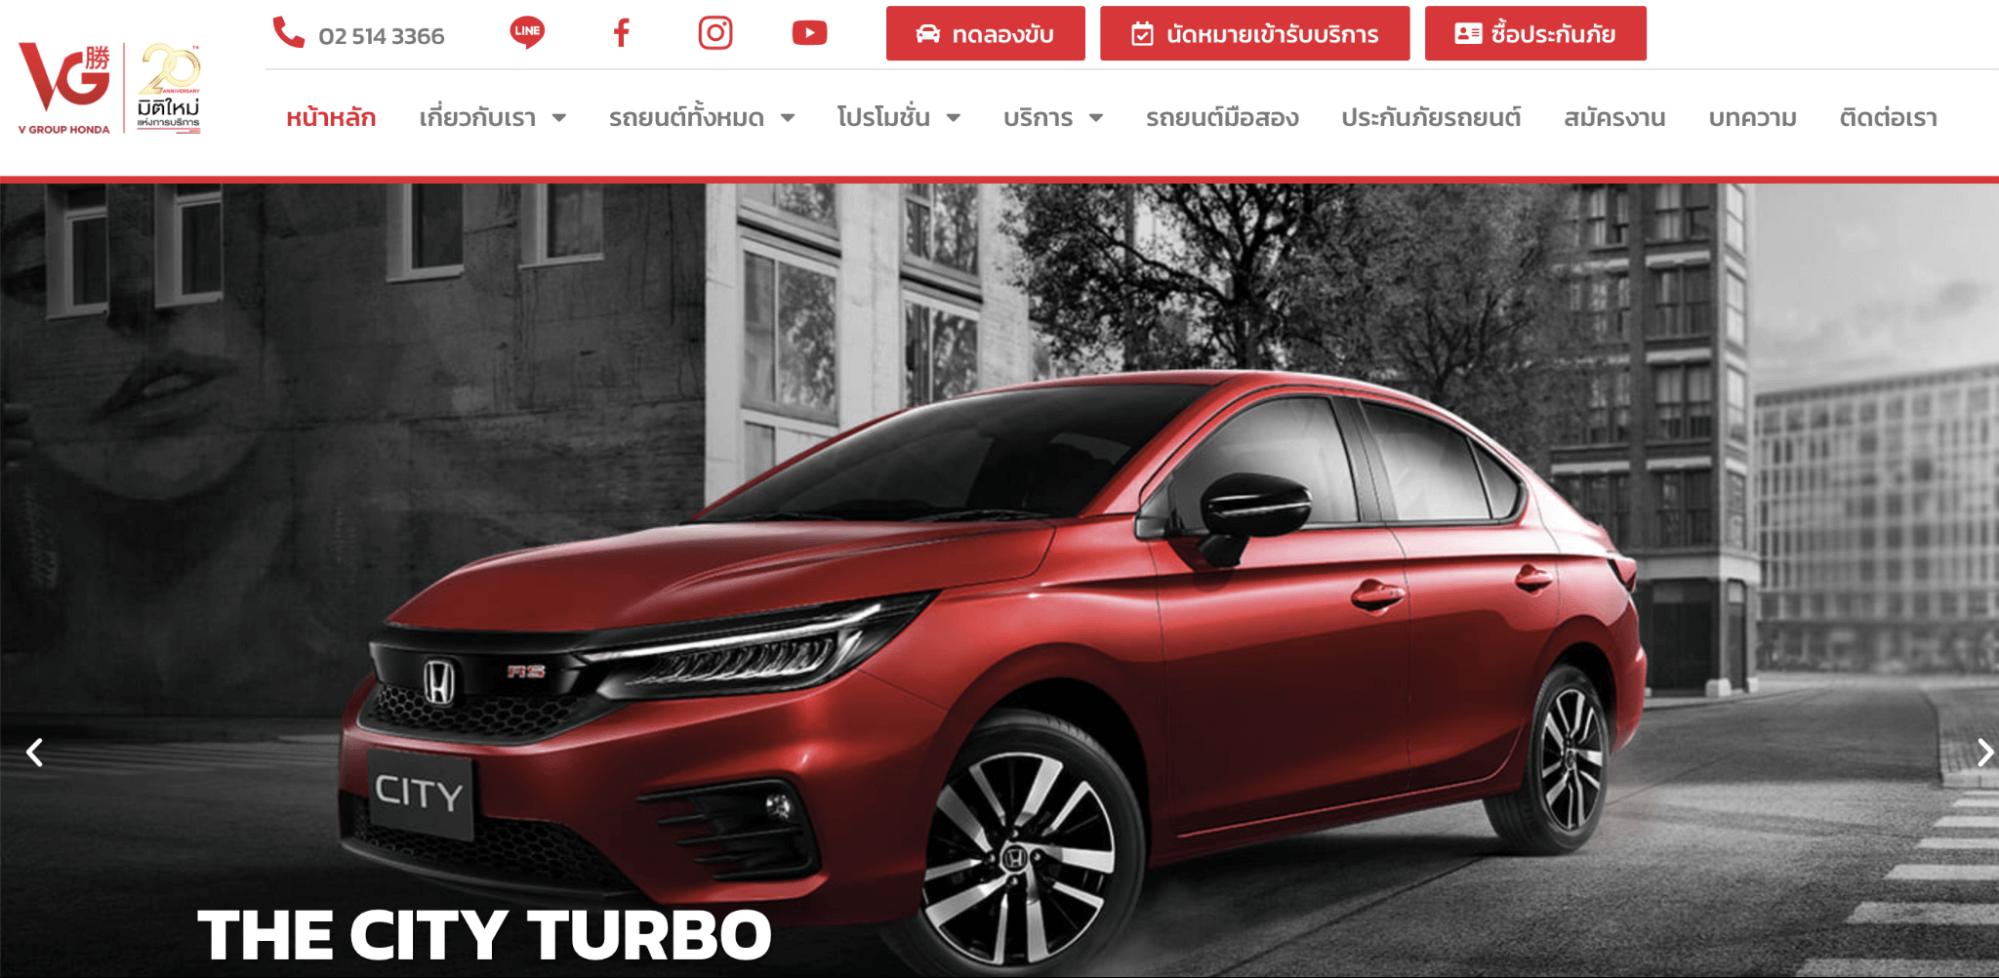 เว็บไซต์ V Group Honda ชั่วโมงฟรี!